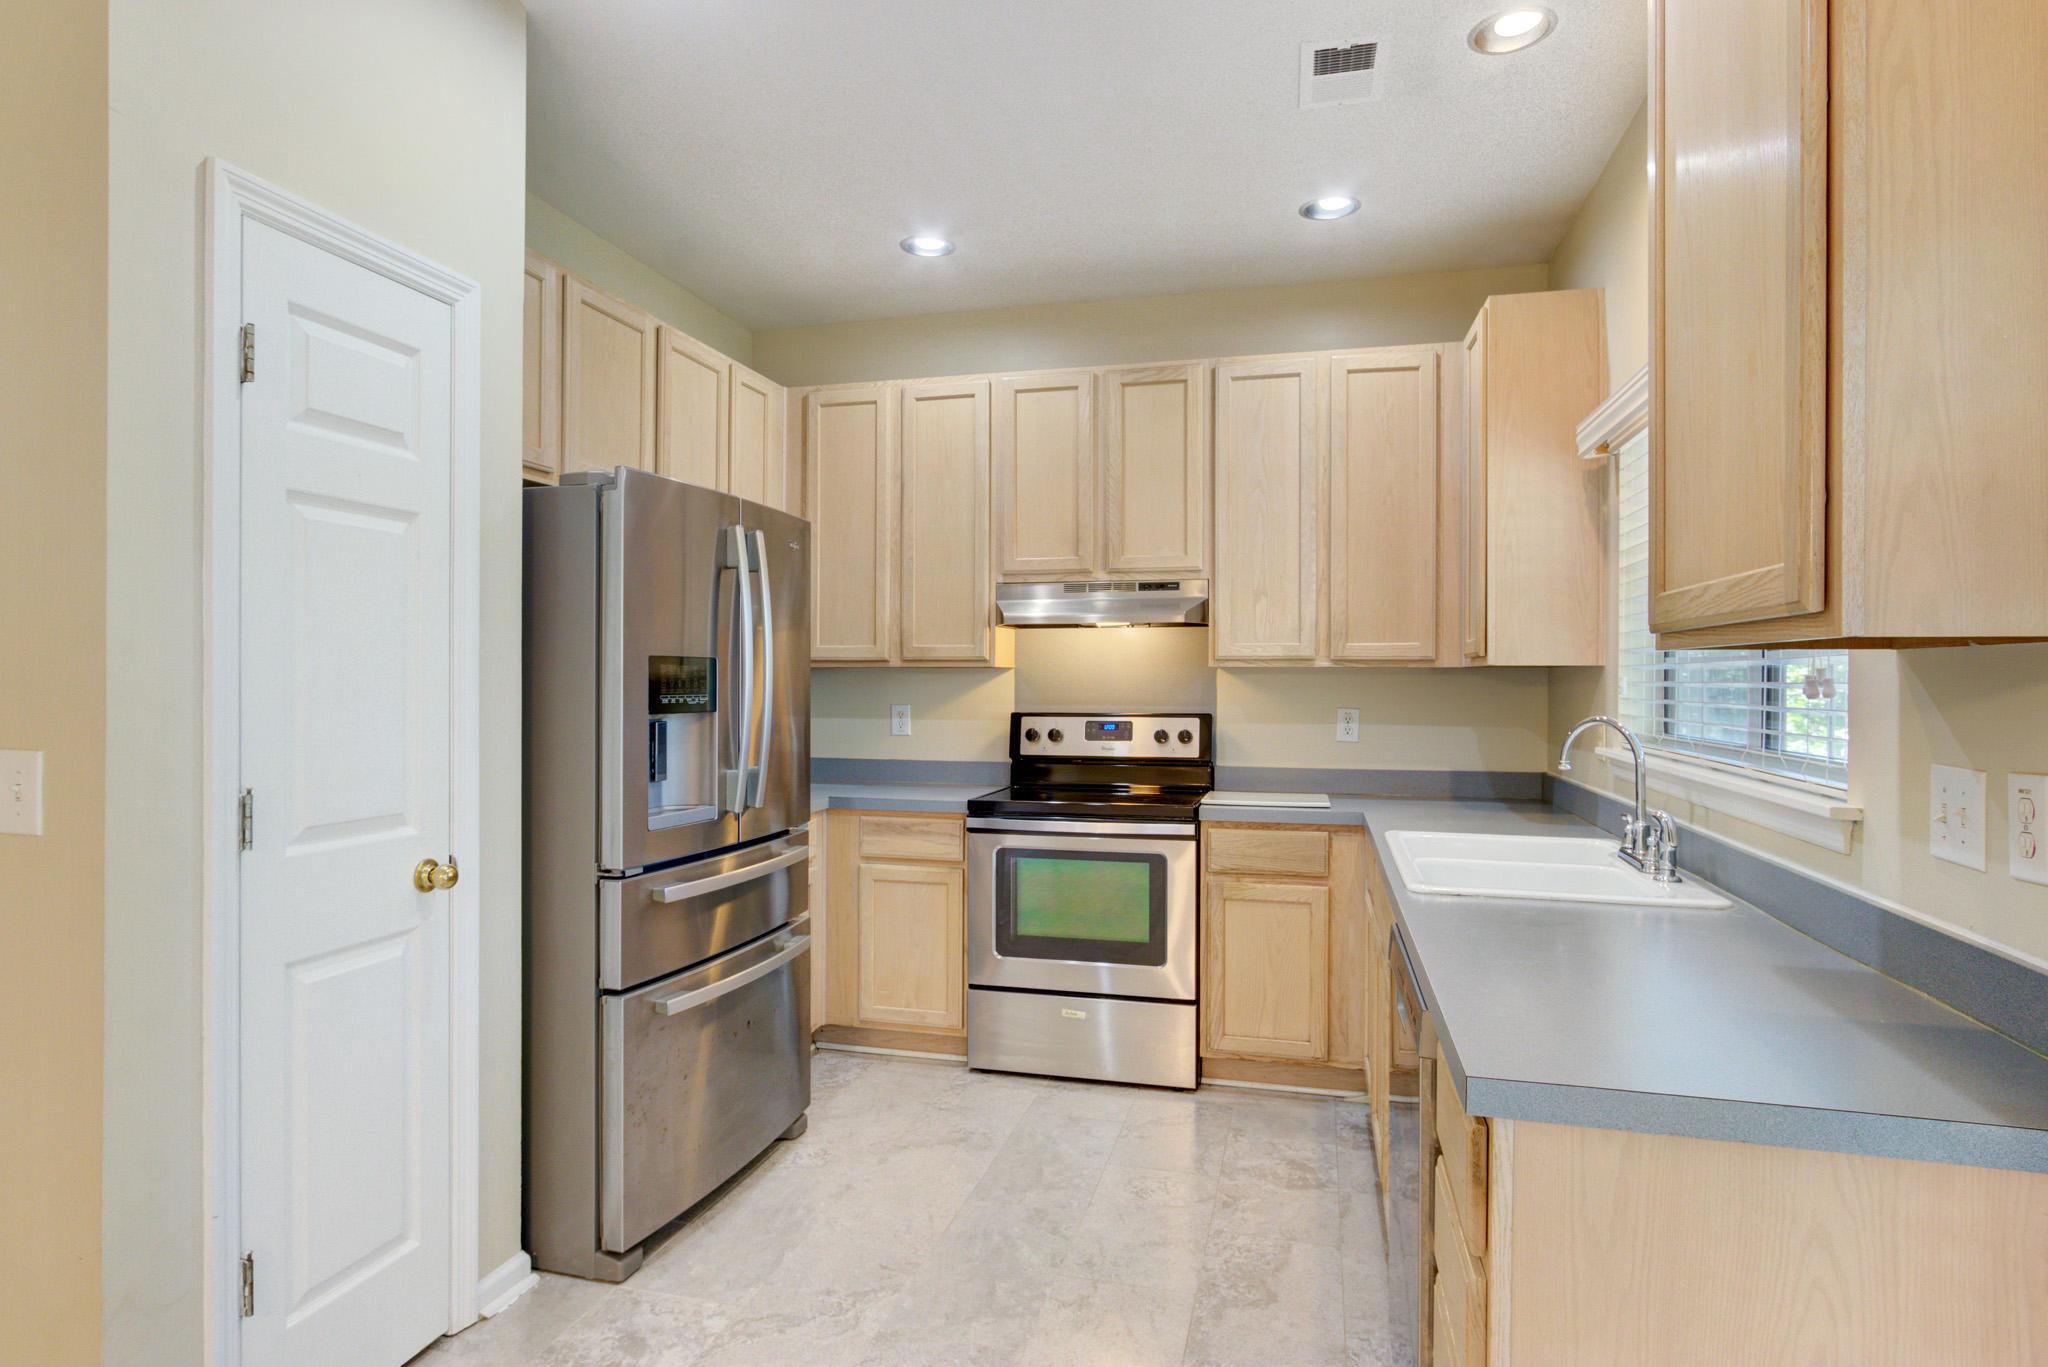 Dunes West Homes For Sale - 1645 Pin Oak Cut, Mount Pleasant, SC - 19